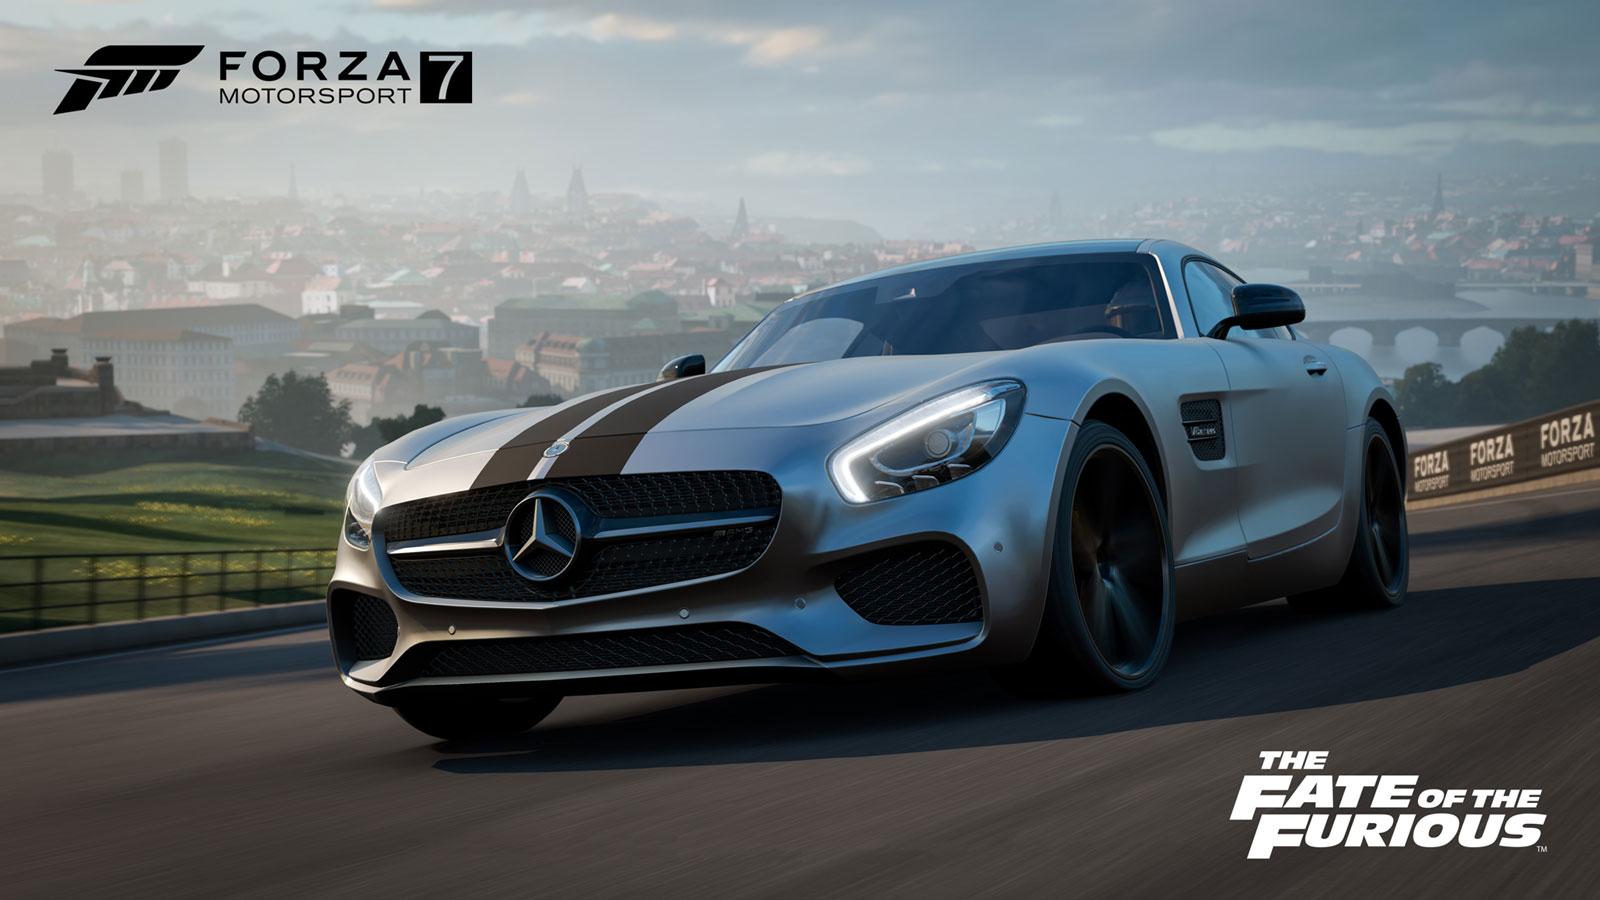 Free Forza Motorsport 7 Wallpaper in 1600x900